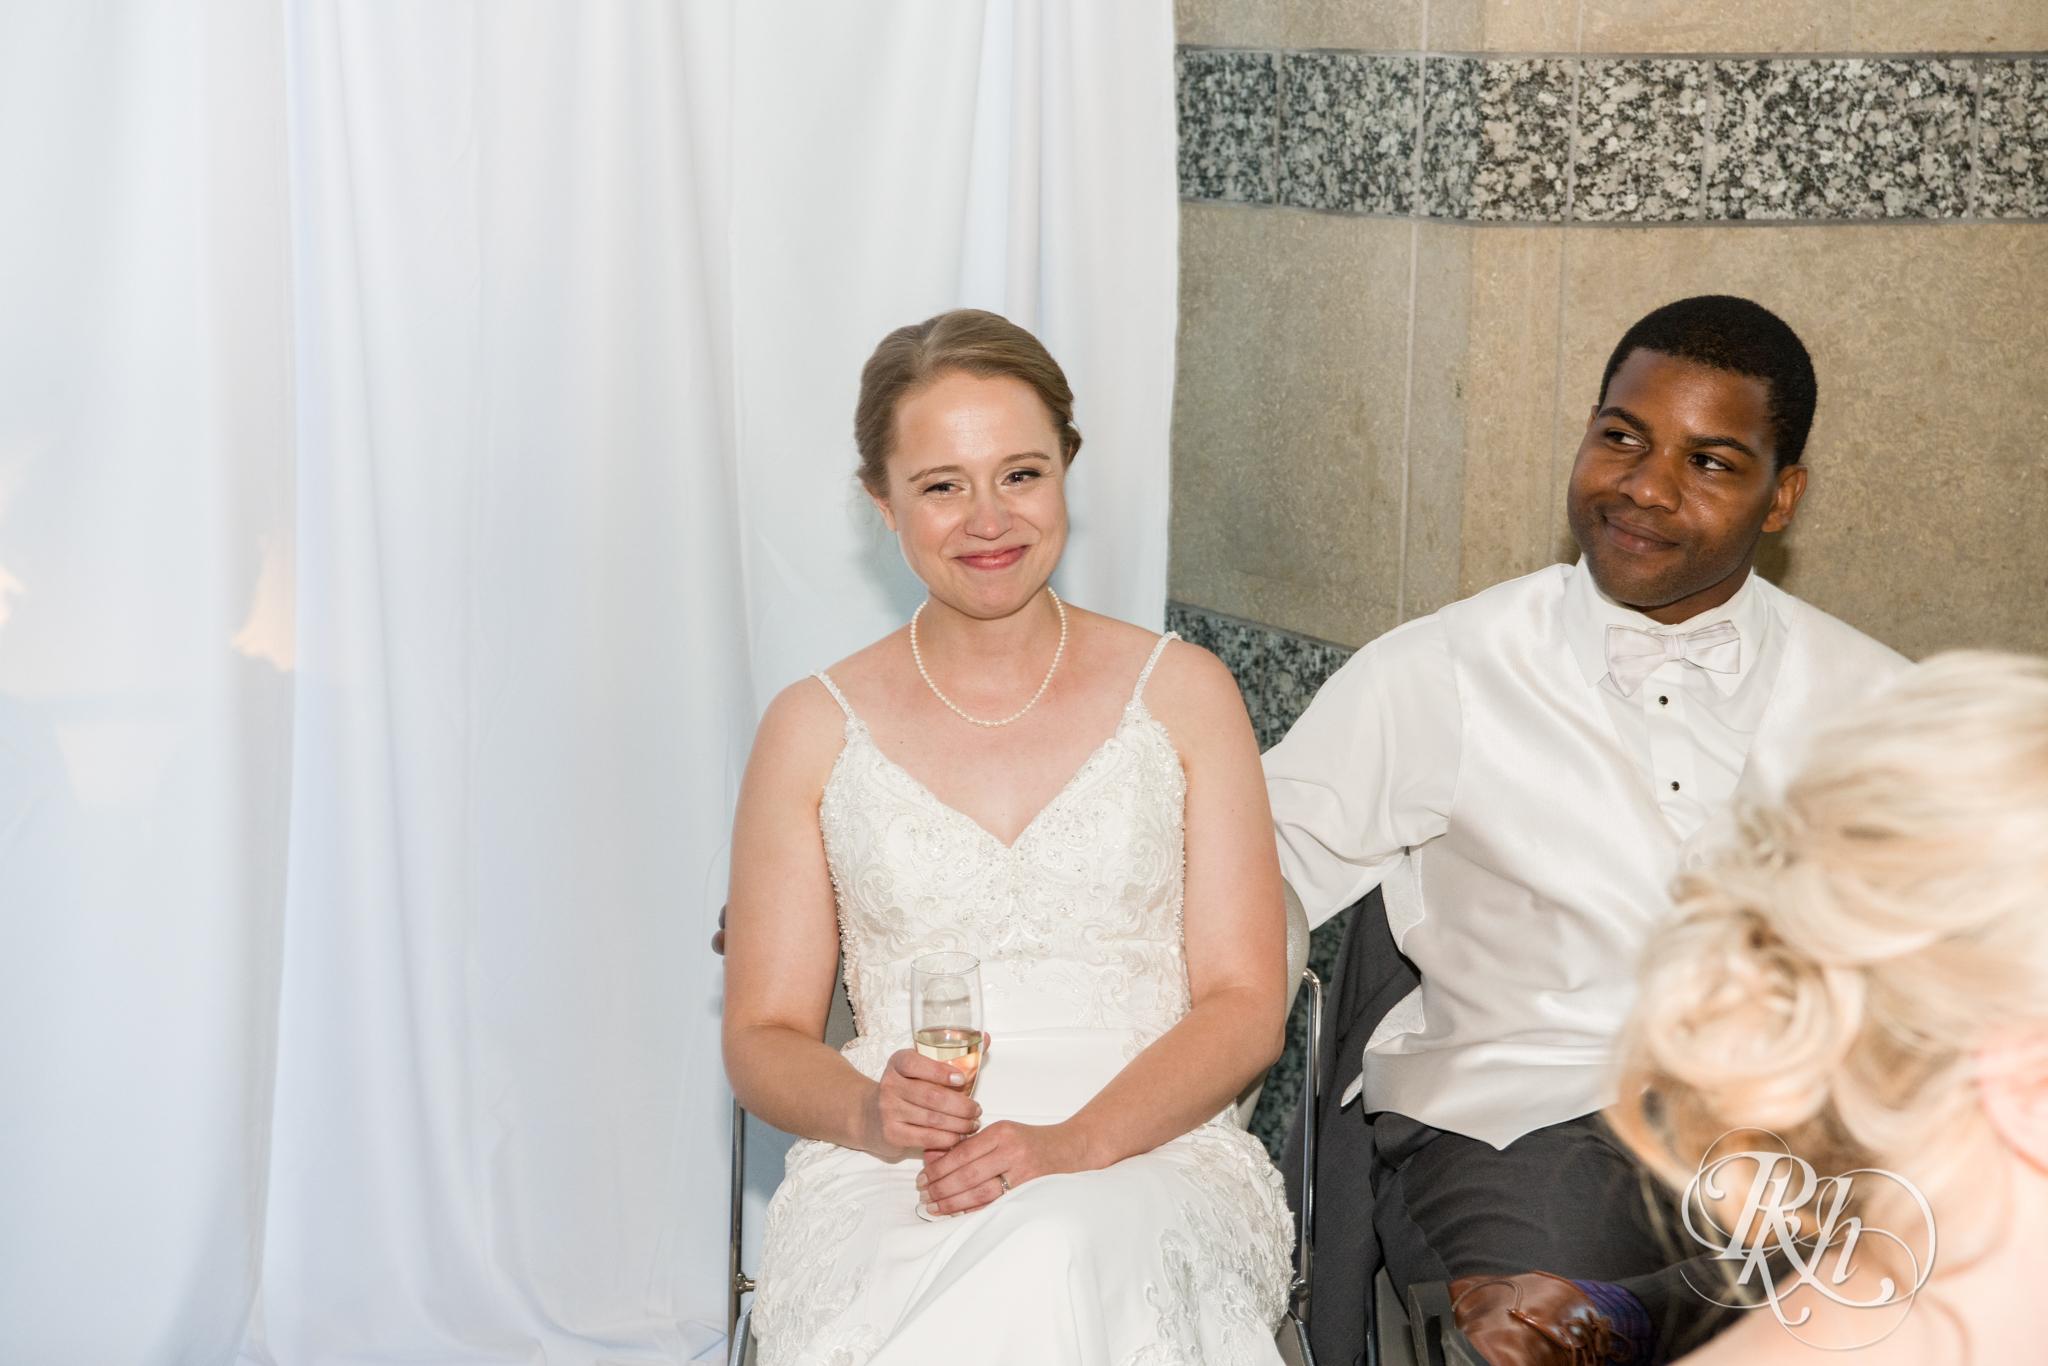 Laura and Adekunle - Minnesota Wedding Photographer - Minnesota History Center - RKH Images - Blog (62 of 75).jpg